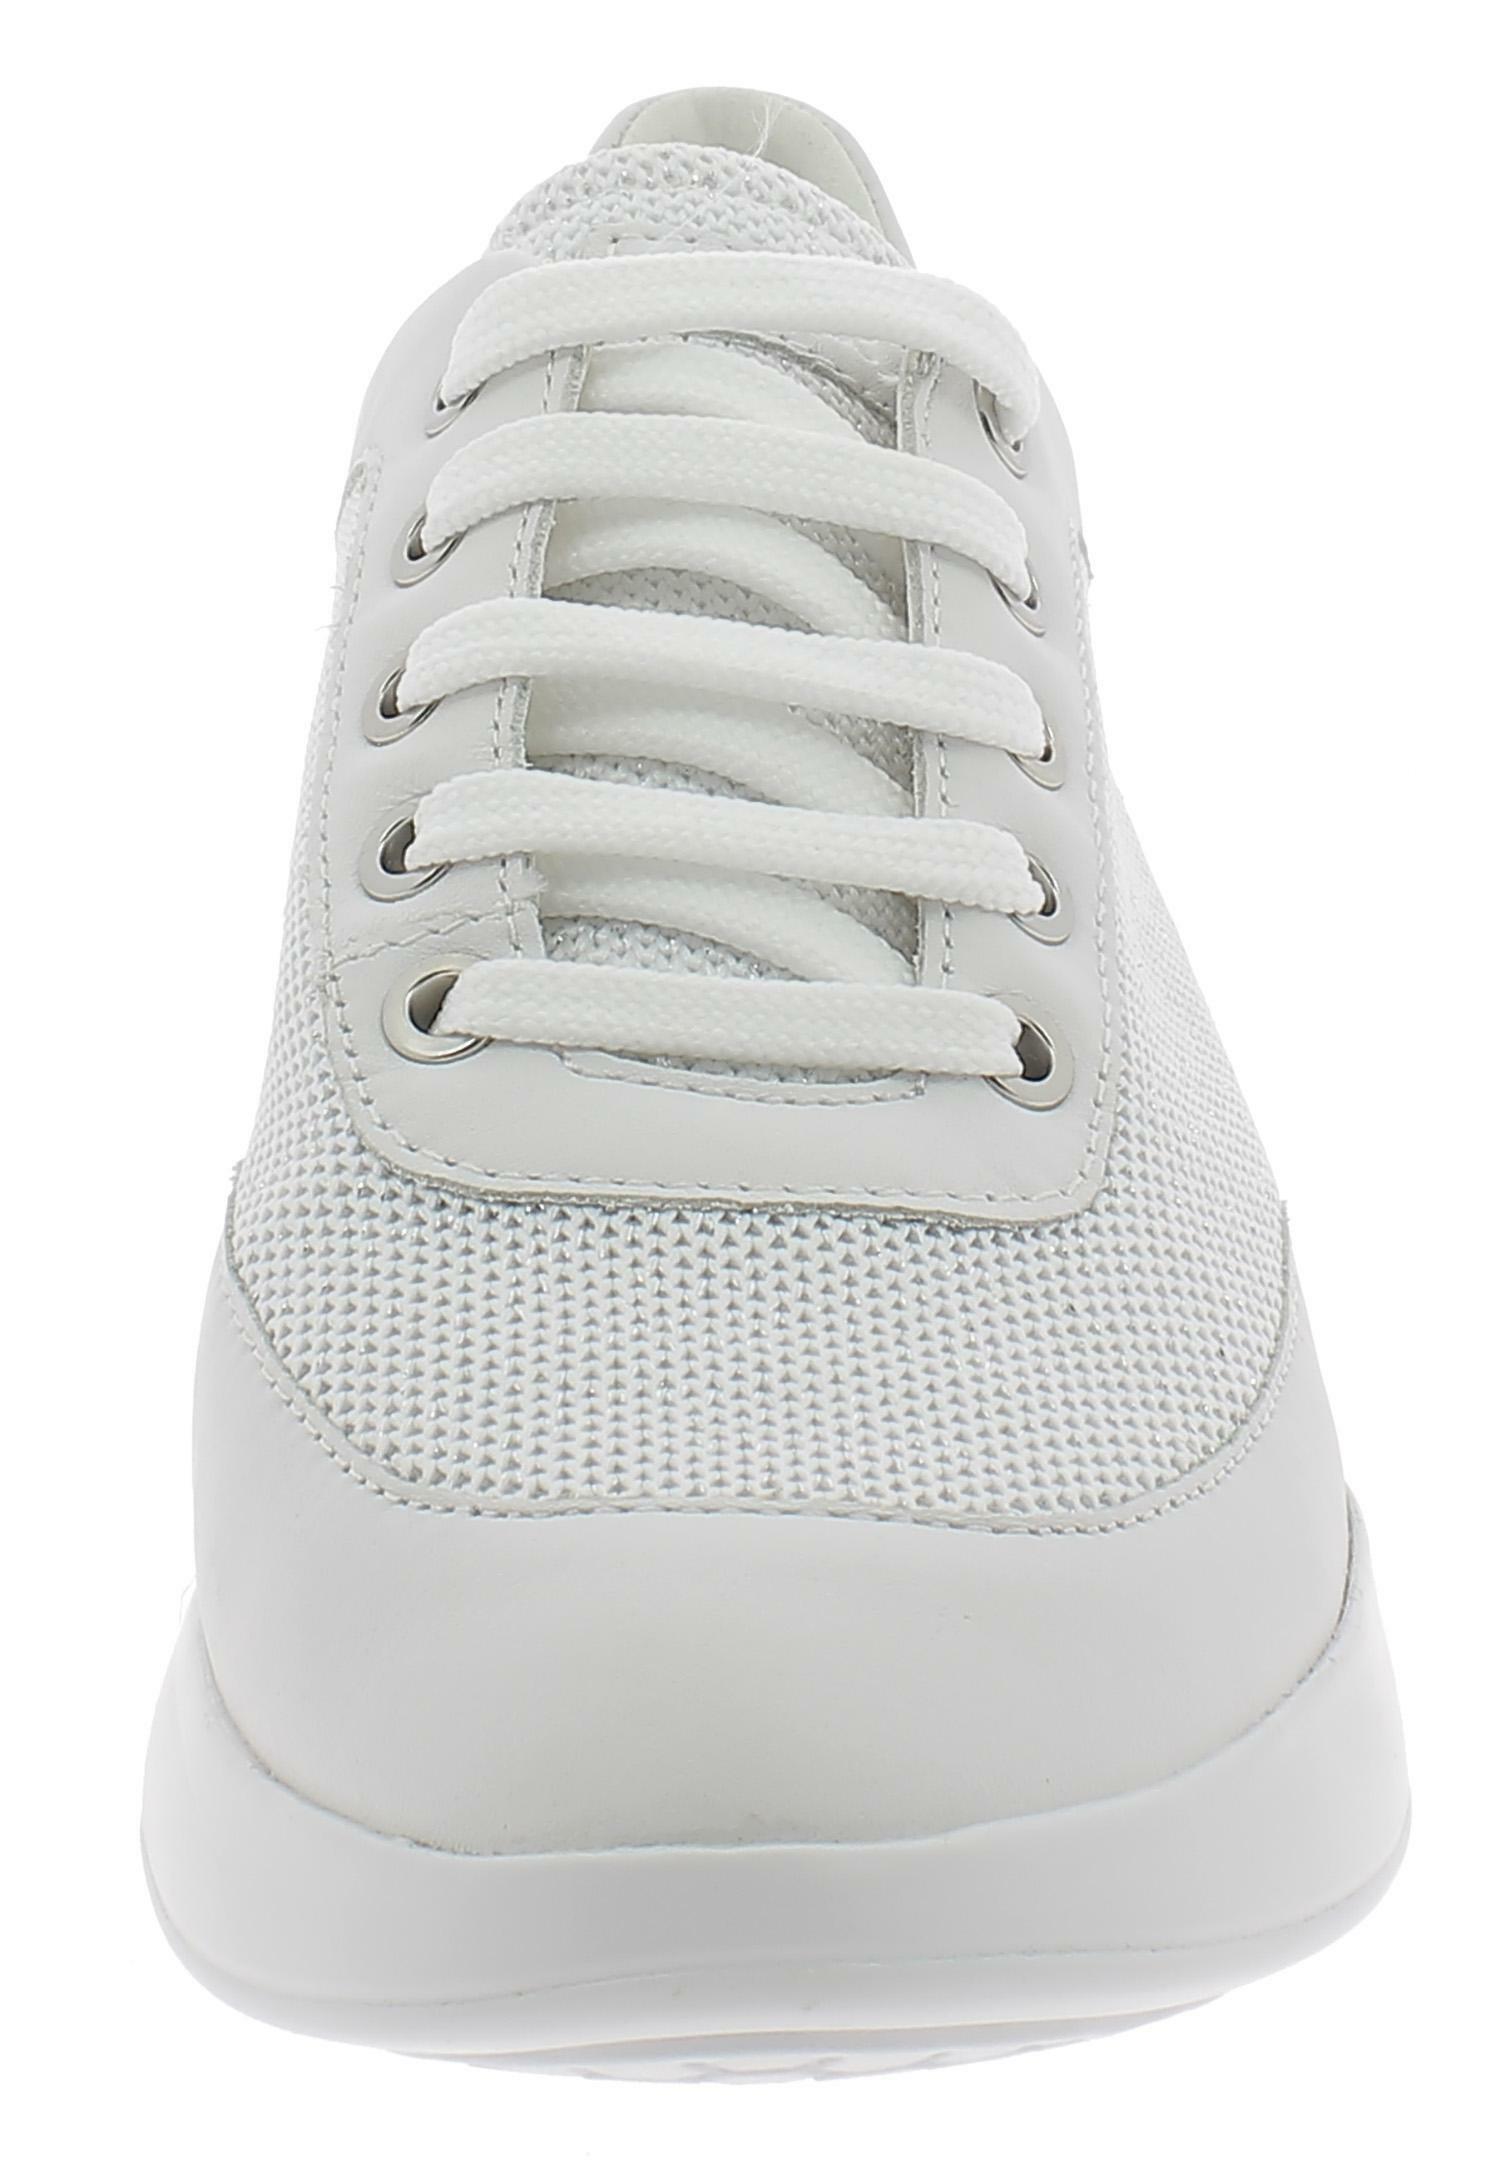 Geox d theragon c scarpe sportive donna bianche d928scc1000